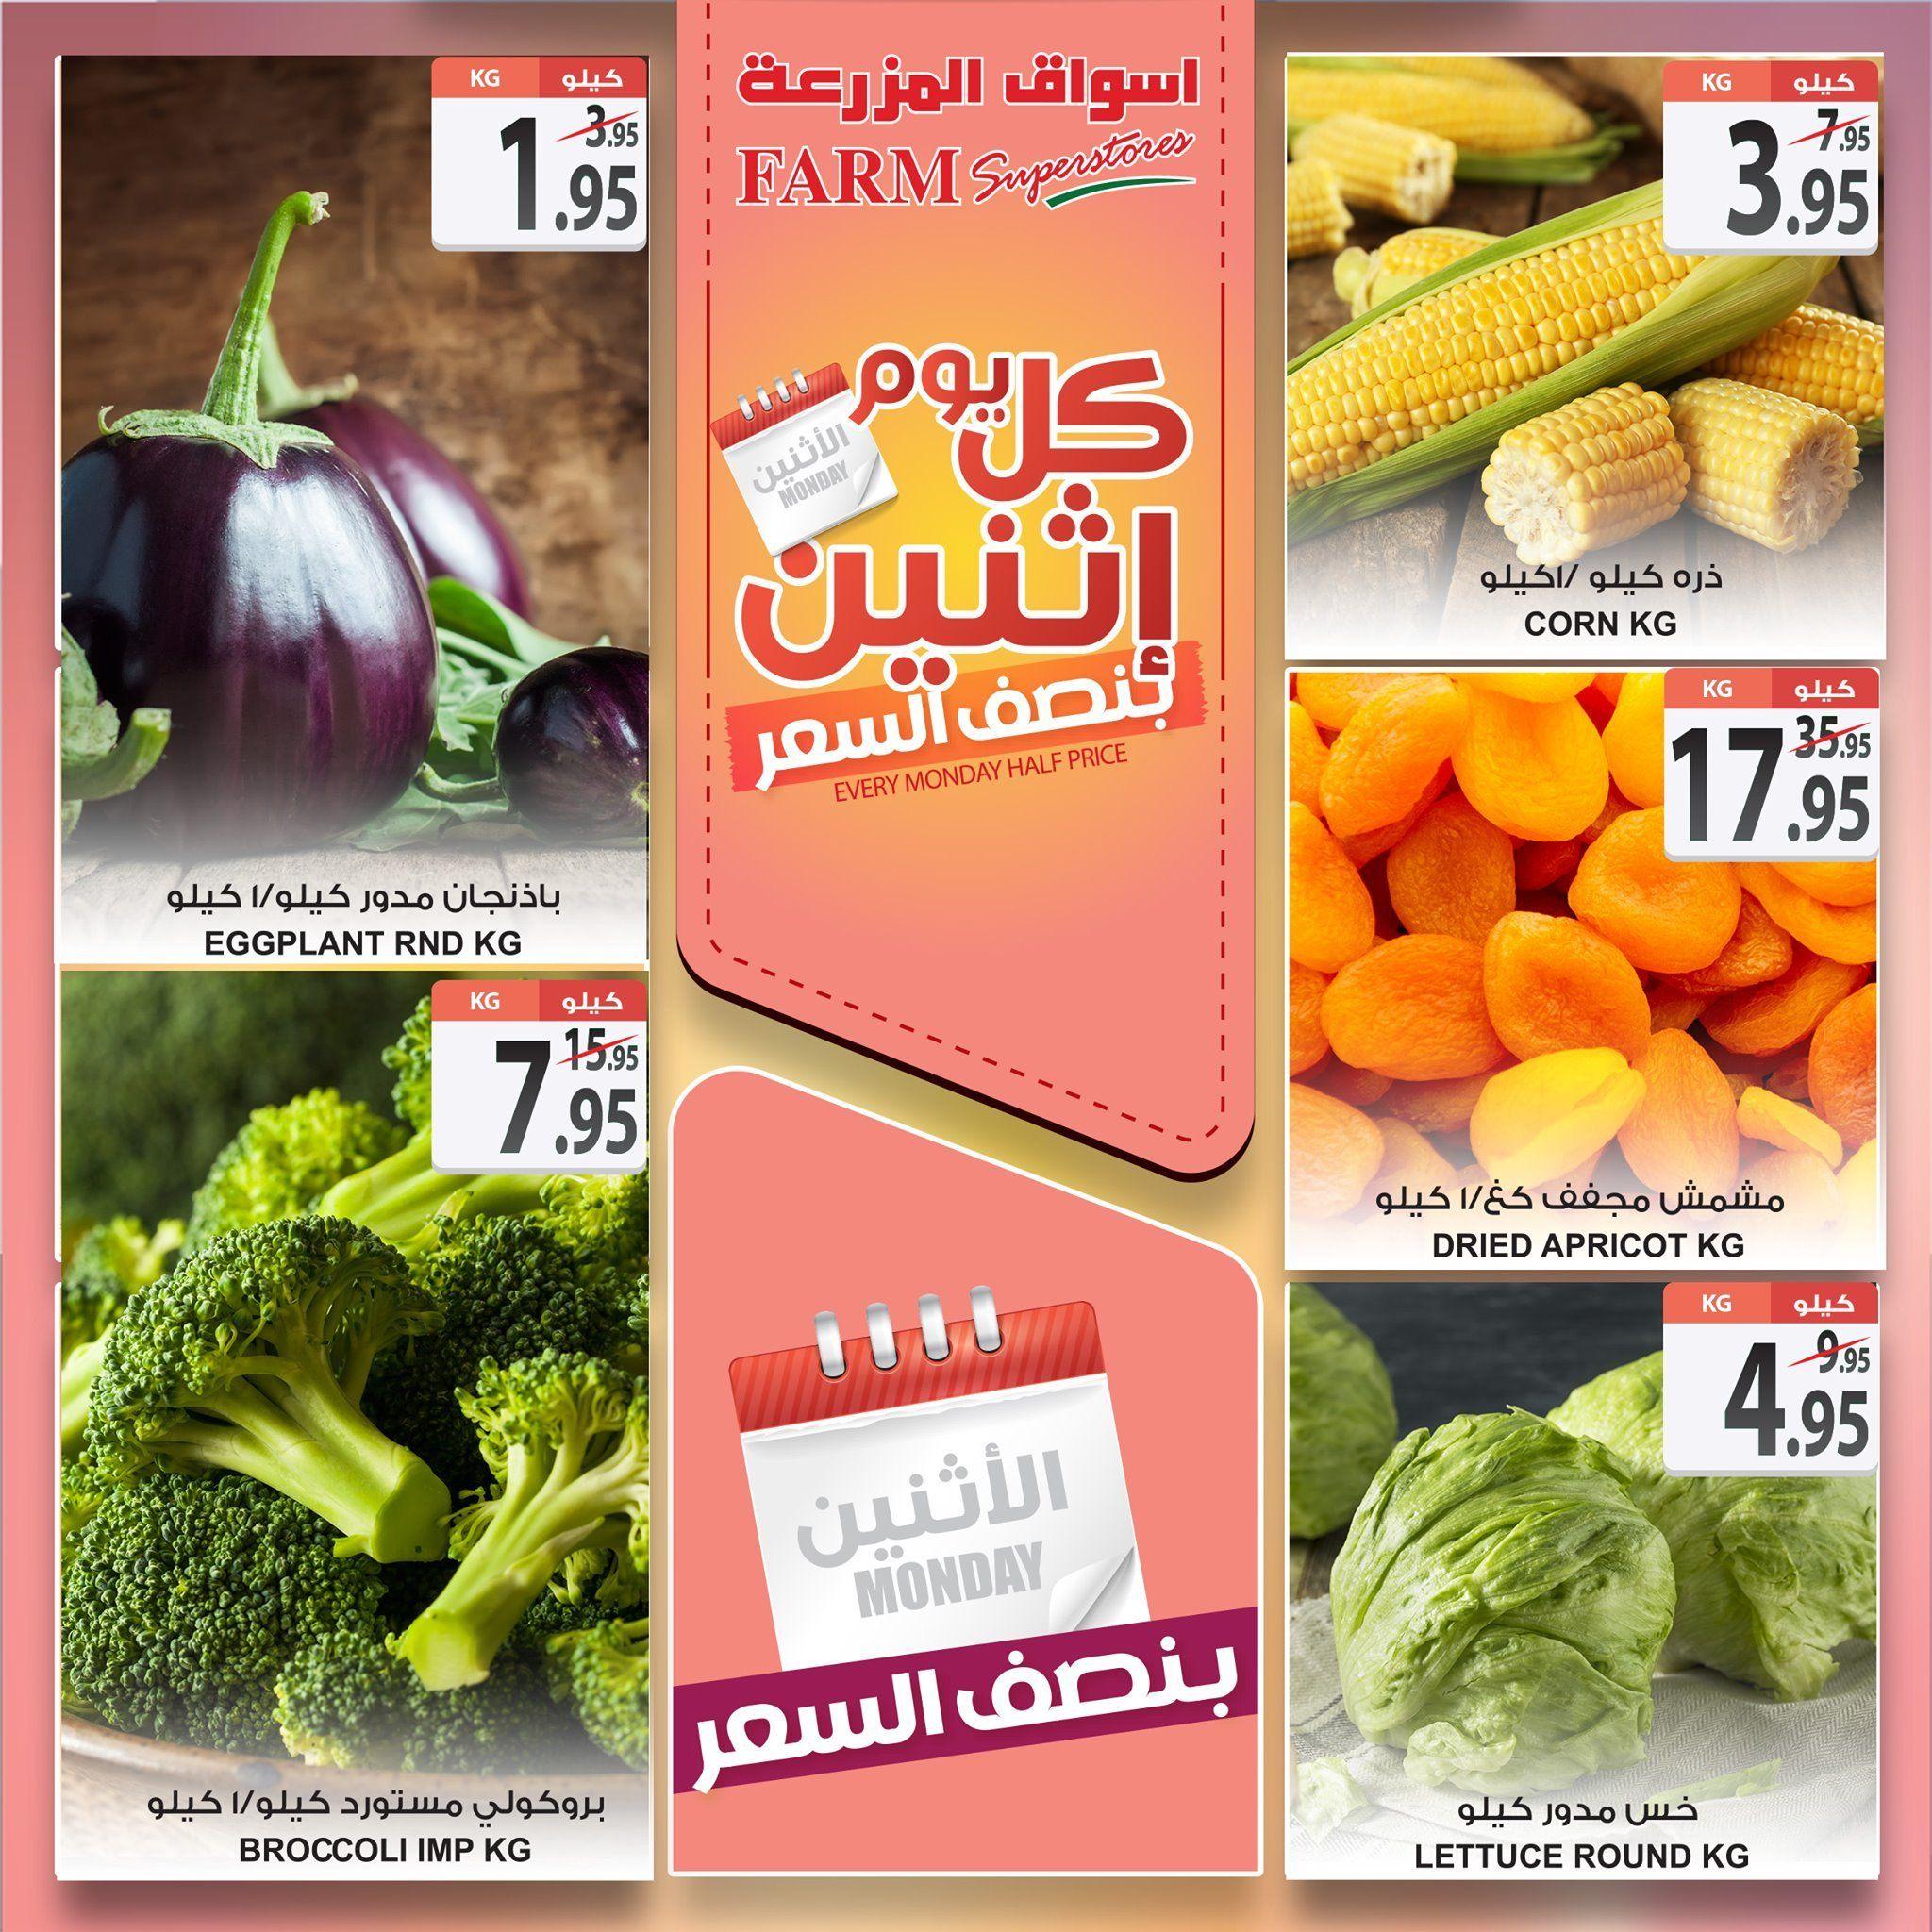 عروض اسواق المزرعة المنطقة الشرقية الطازجة الاثنين 7 ديسمبر 2020 اليوم فقط عروض اليوم Farm Herbs Food